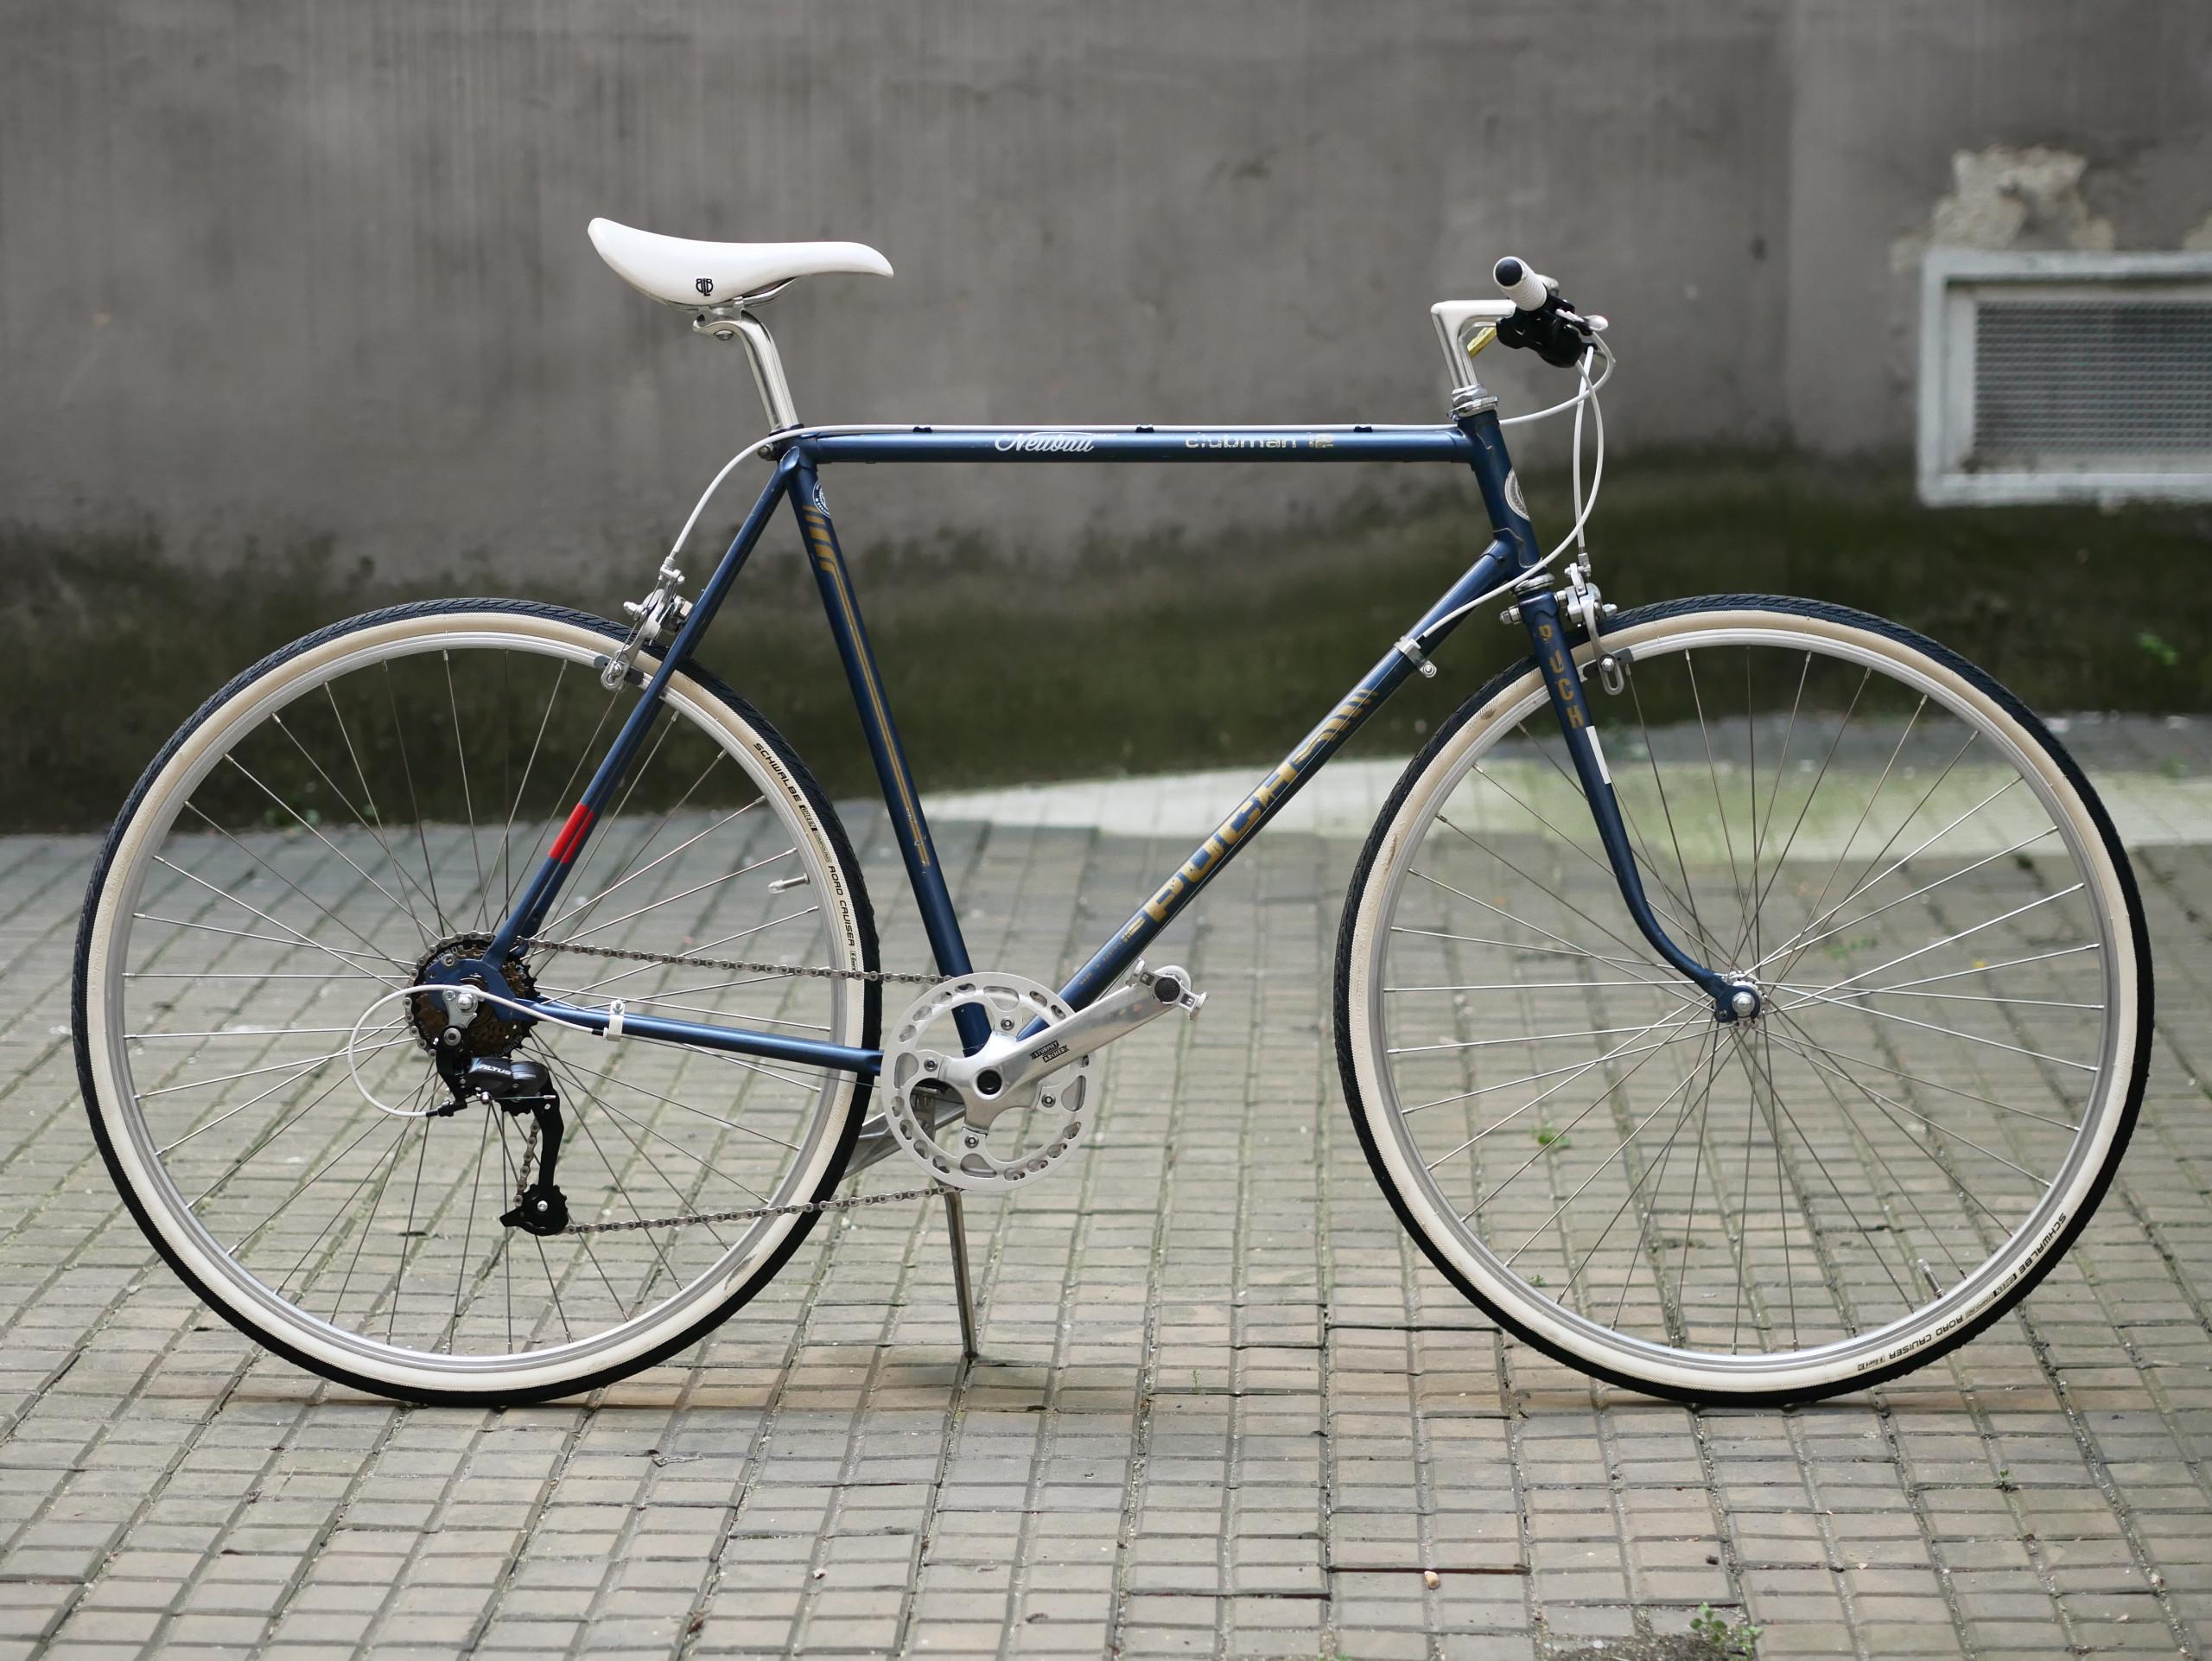 P1140269 scaled - SHOWROOM - custom bikes - neubau - vintage bikes